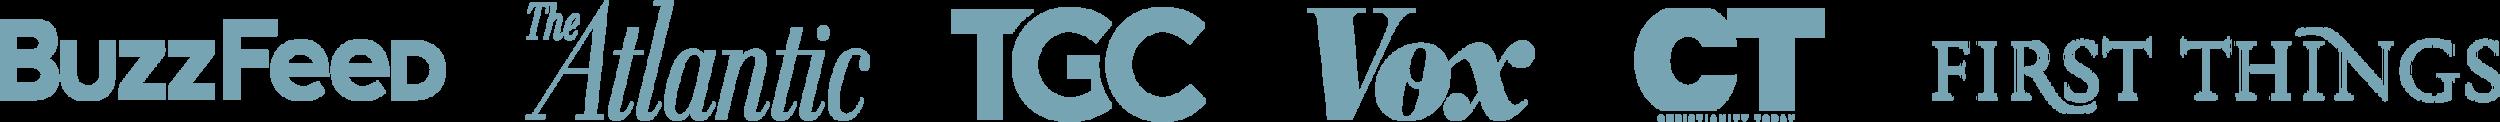 logos-alan-noble2.png